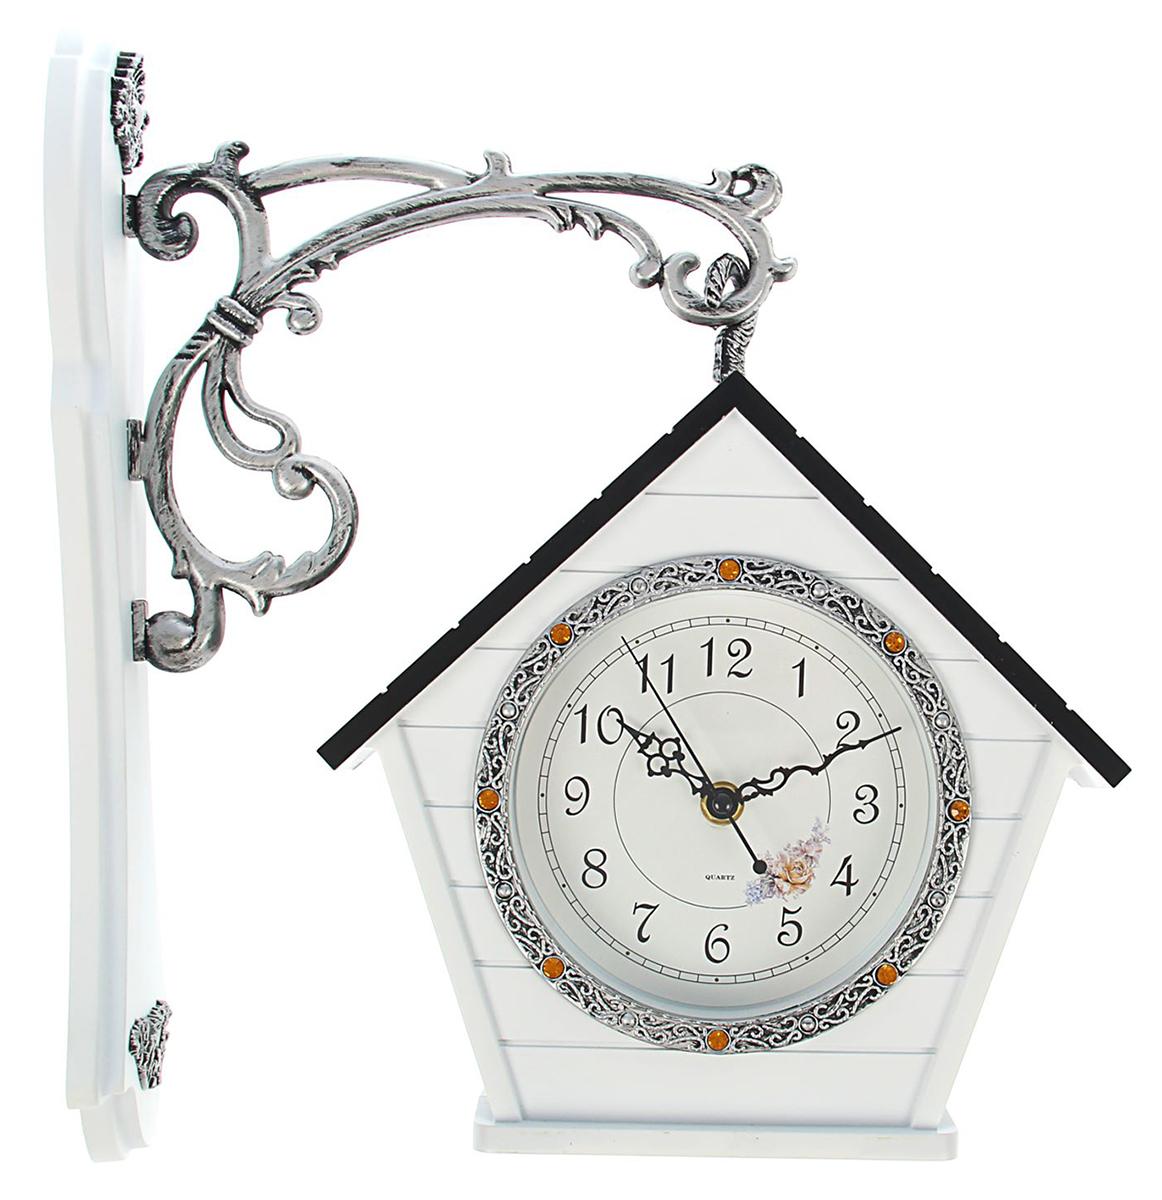 """Каждому хозяину периодически приходит мысль обновить свою квартиру, сделать ремонт, перестановку или кардинально поменять внешний вид каждой комнаты. Часы настенные двусторонние """"Цветы"""" на подвесе — привлекательная деталь, которая поможет воплотить вашу интерьерную идею, создать неповторимую атмосферу в вашем доме. Окружите себя приятными мелочами, пусть они радуют глаз и дарят гармонию."""